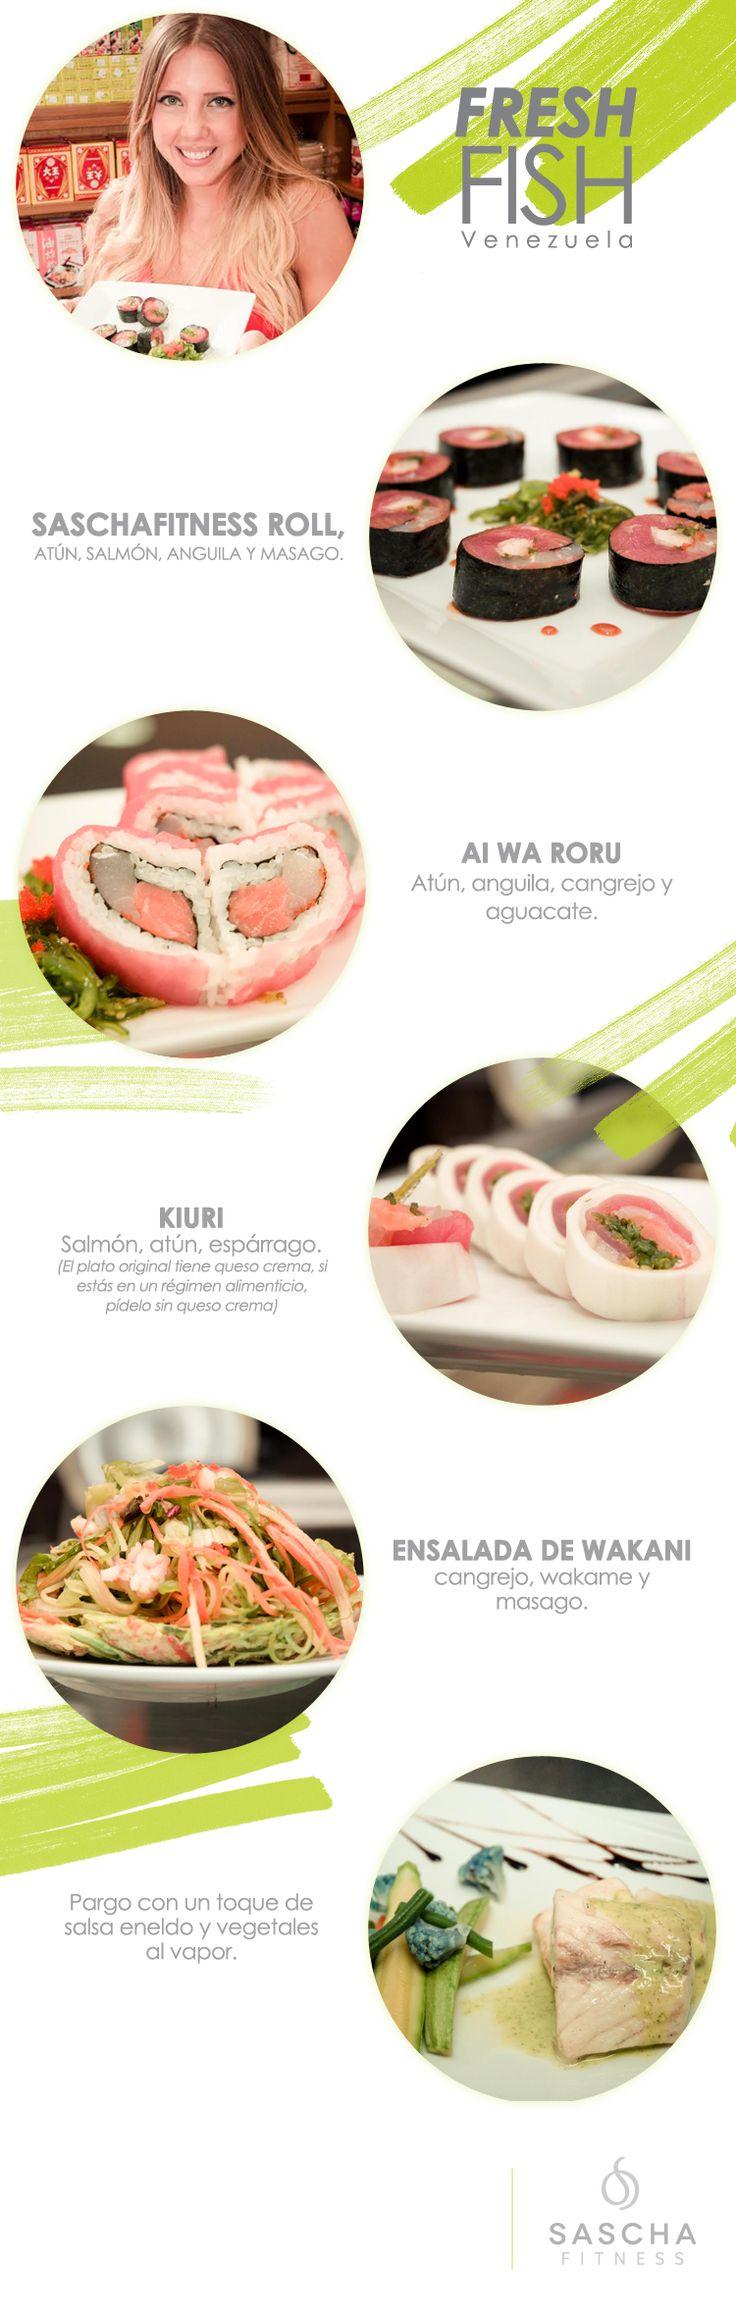 ¡Estoy enamorada de Fresh Fish! La comida riquísima, pescado súper fresco, atención de primera, me …